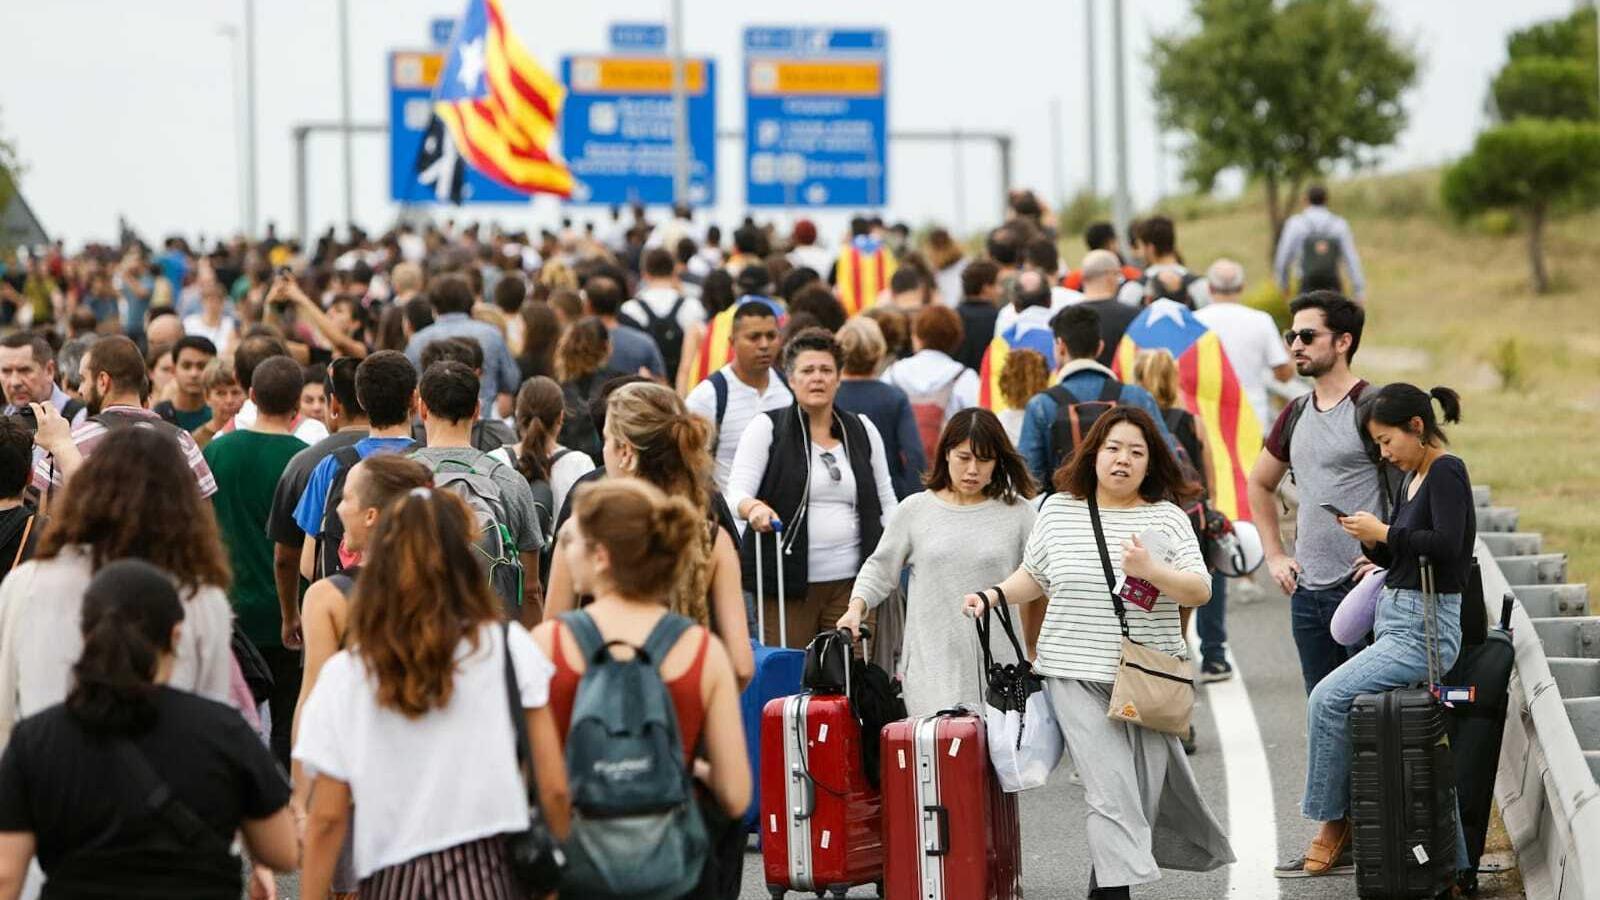 Turistes que intenten arribar o sortir de l'aeroport es barregen amb manifestants als voltants de la T1 / CÈLIA ATSET